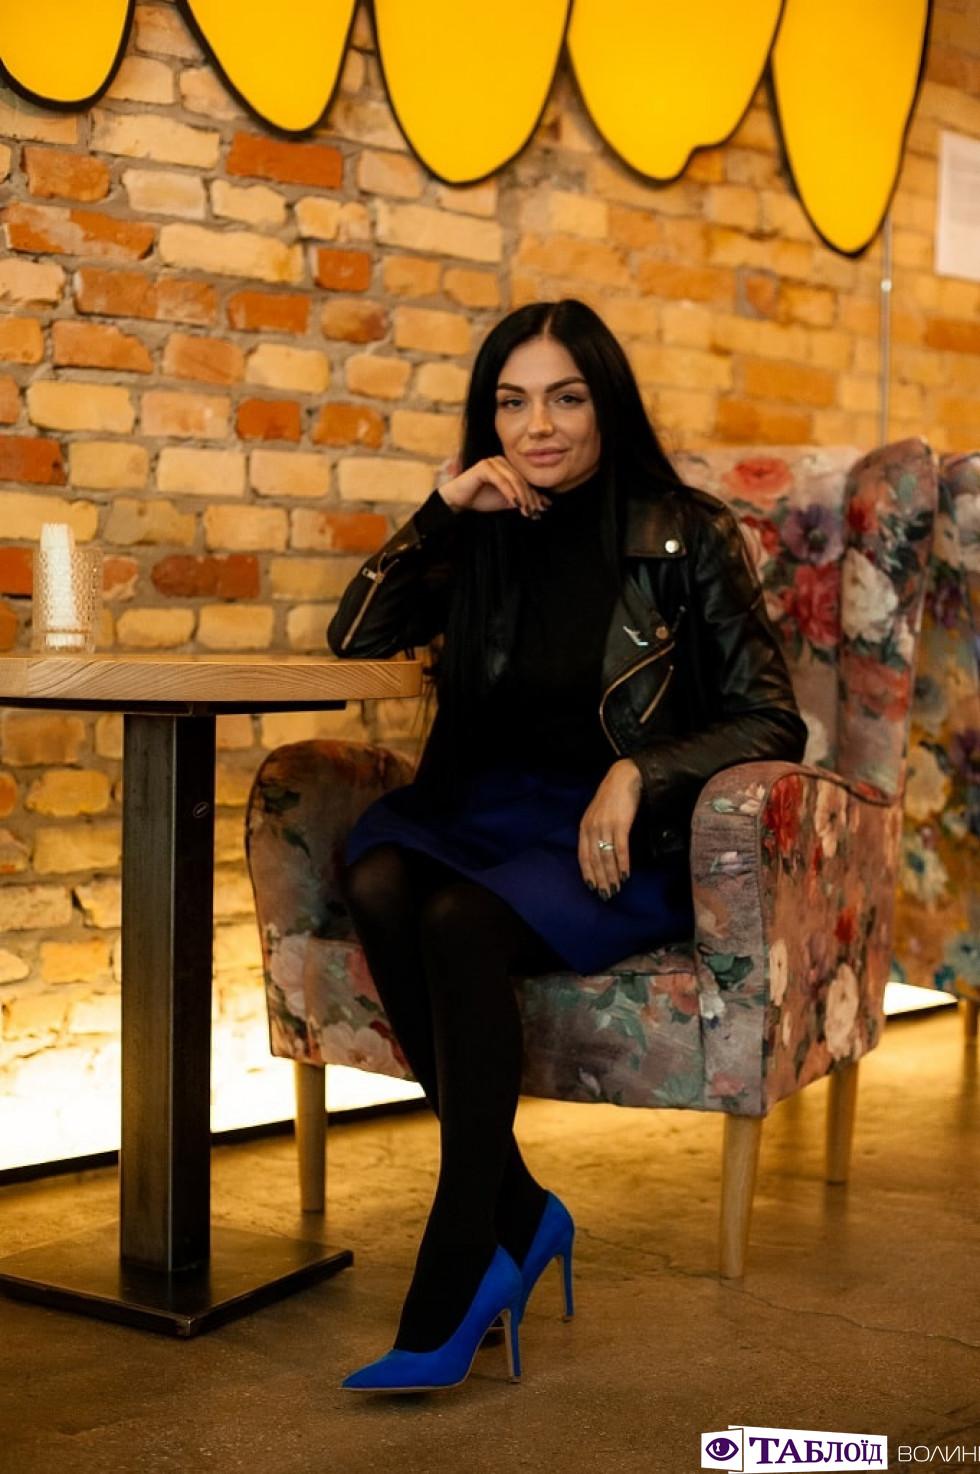 Відверто: єдина у Луцьку діджейка Яна Щибря про моделінг, танці, інстаграм і музику